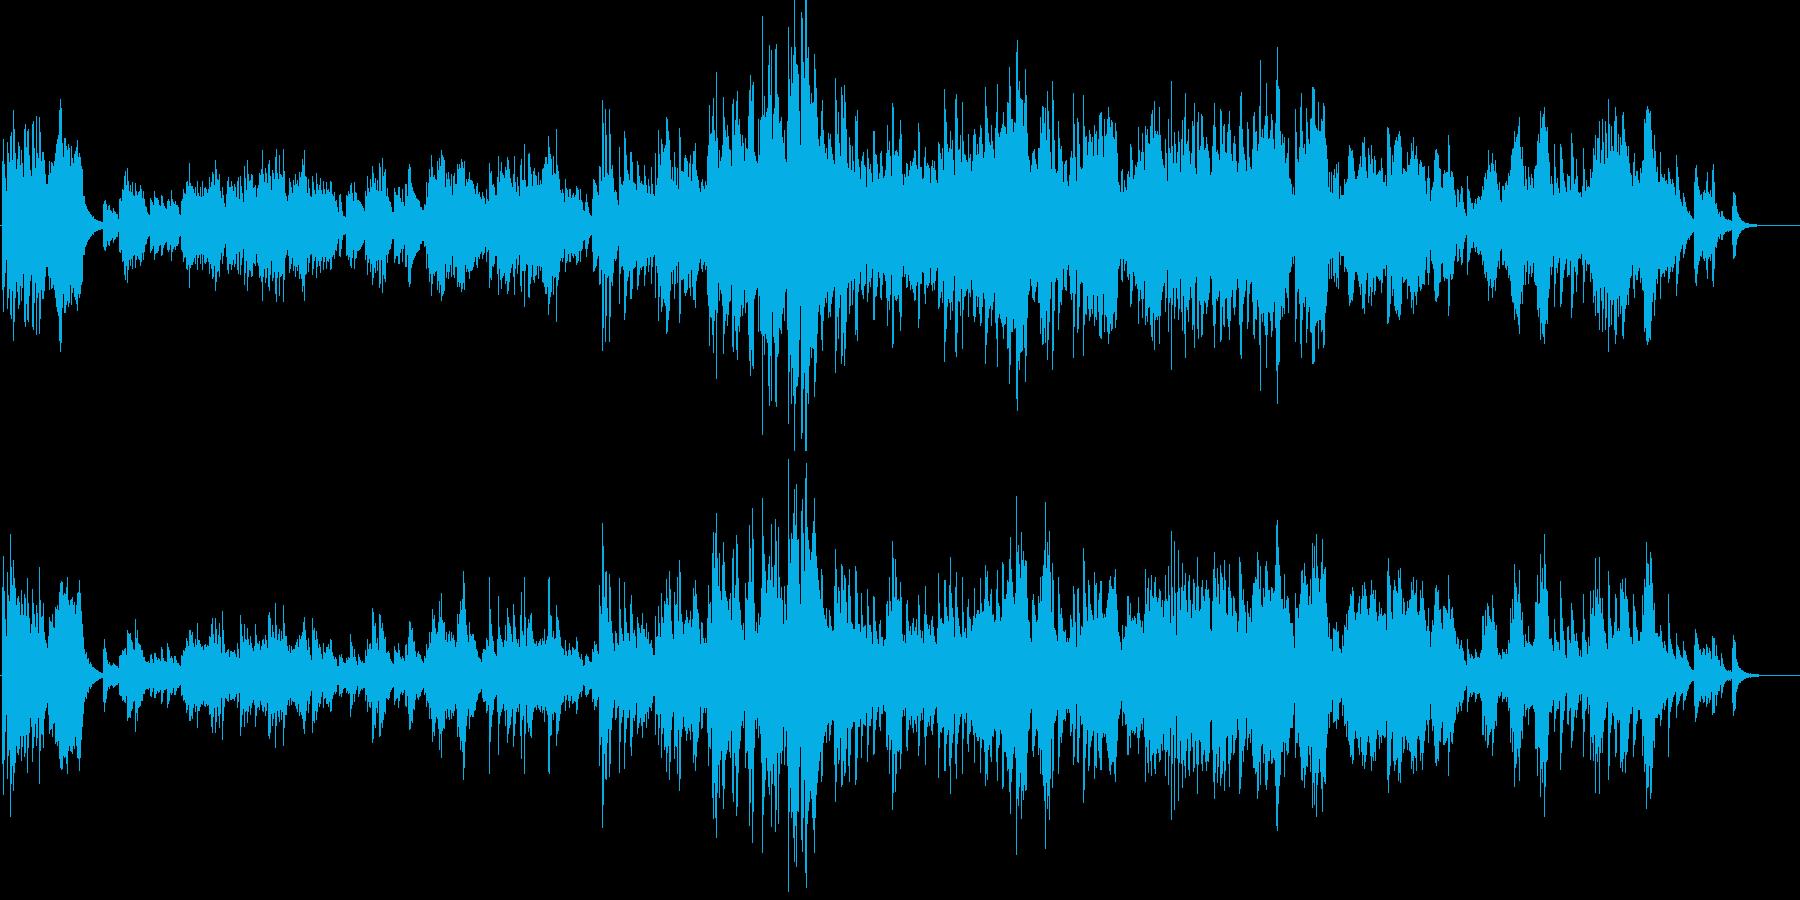 秋を感じるピアノバラードの再生済みの波形